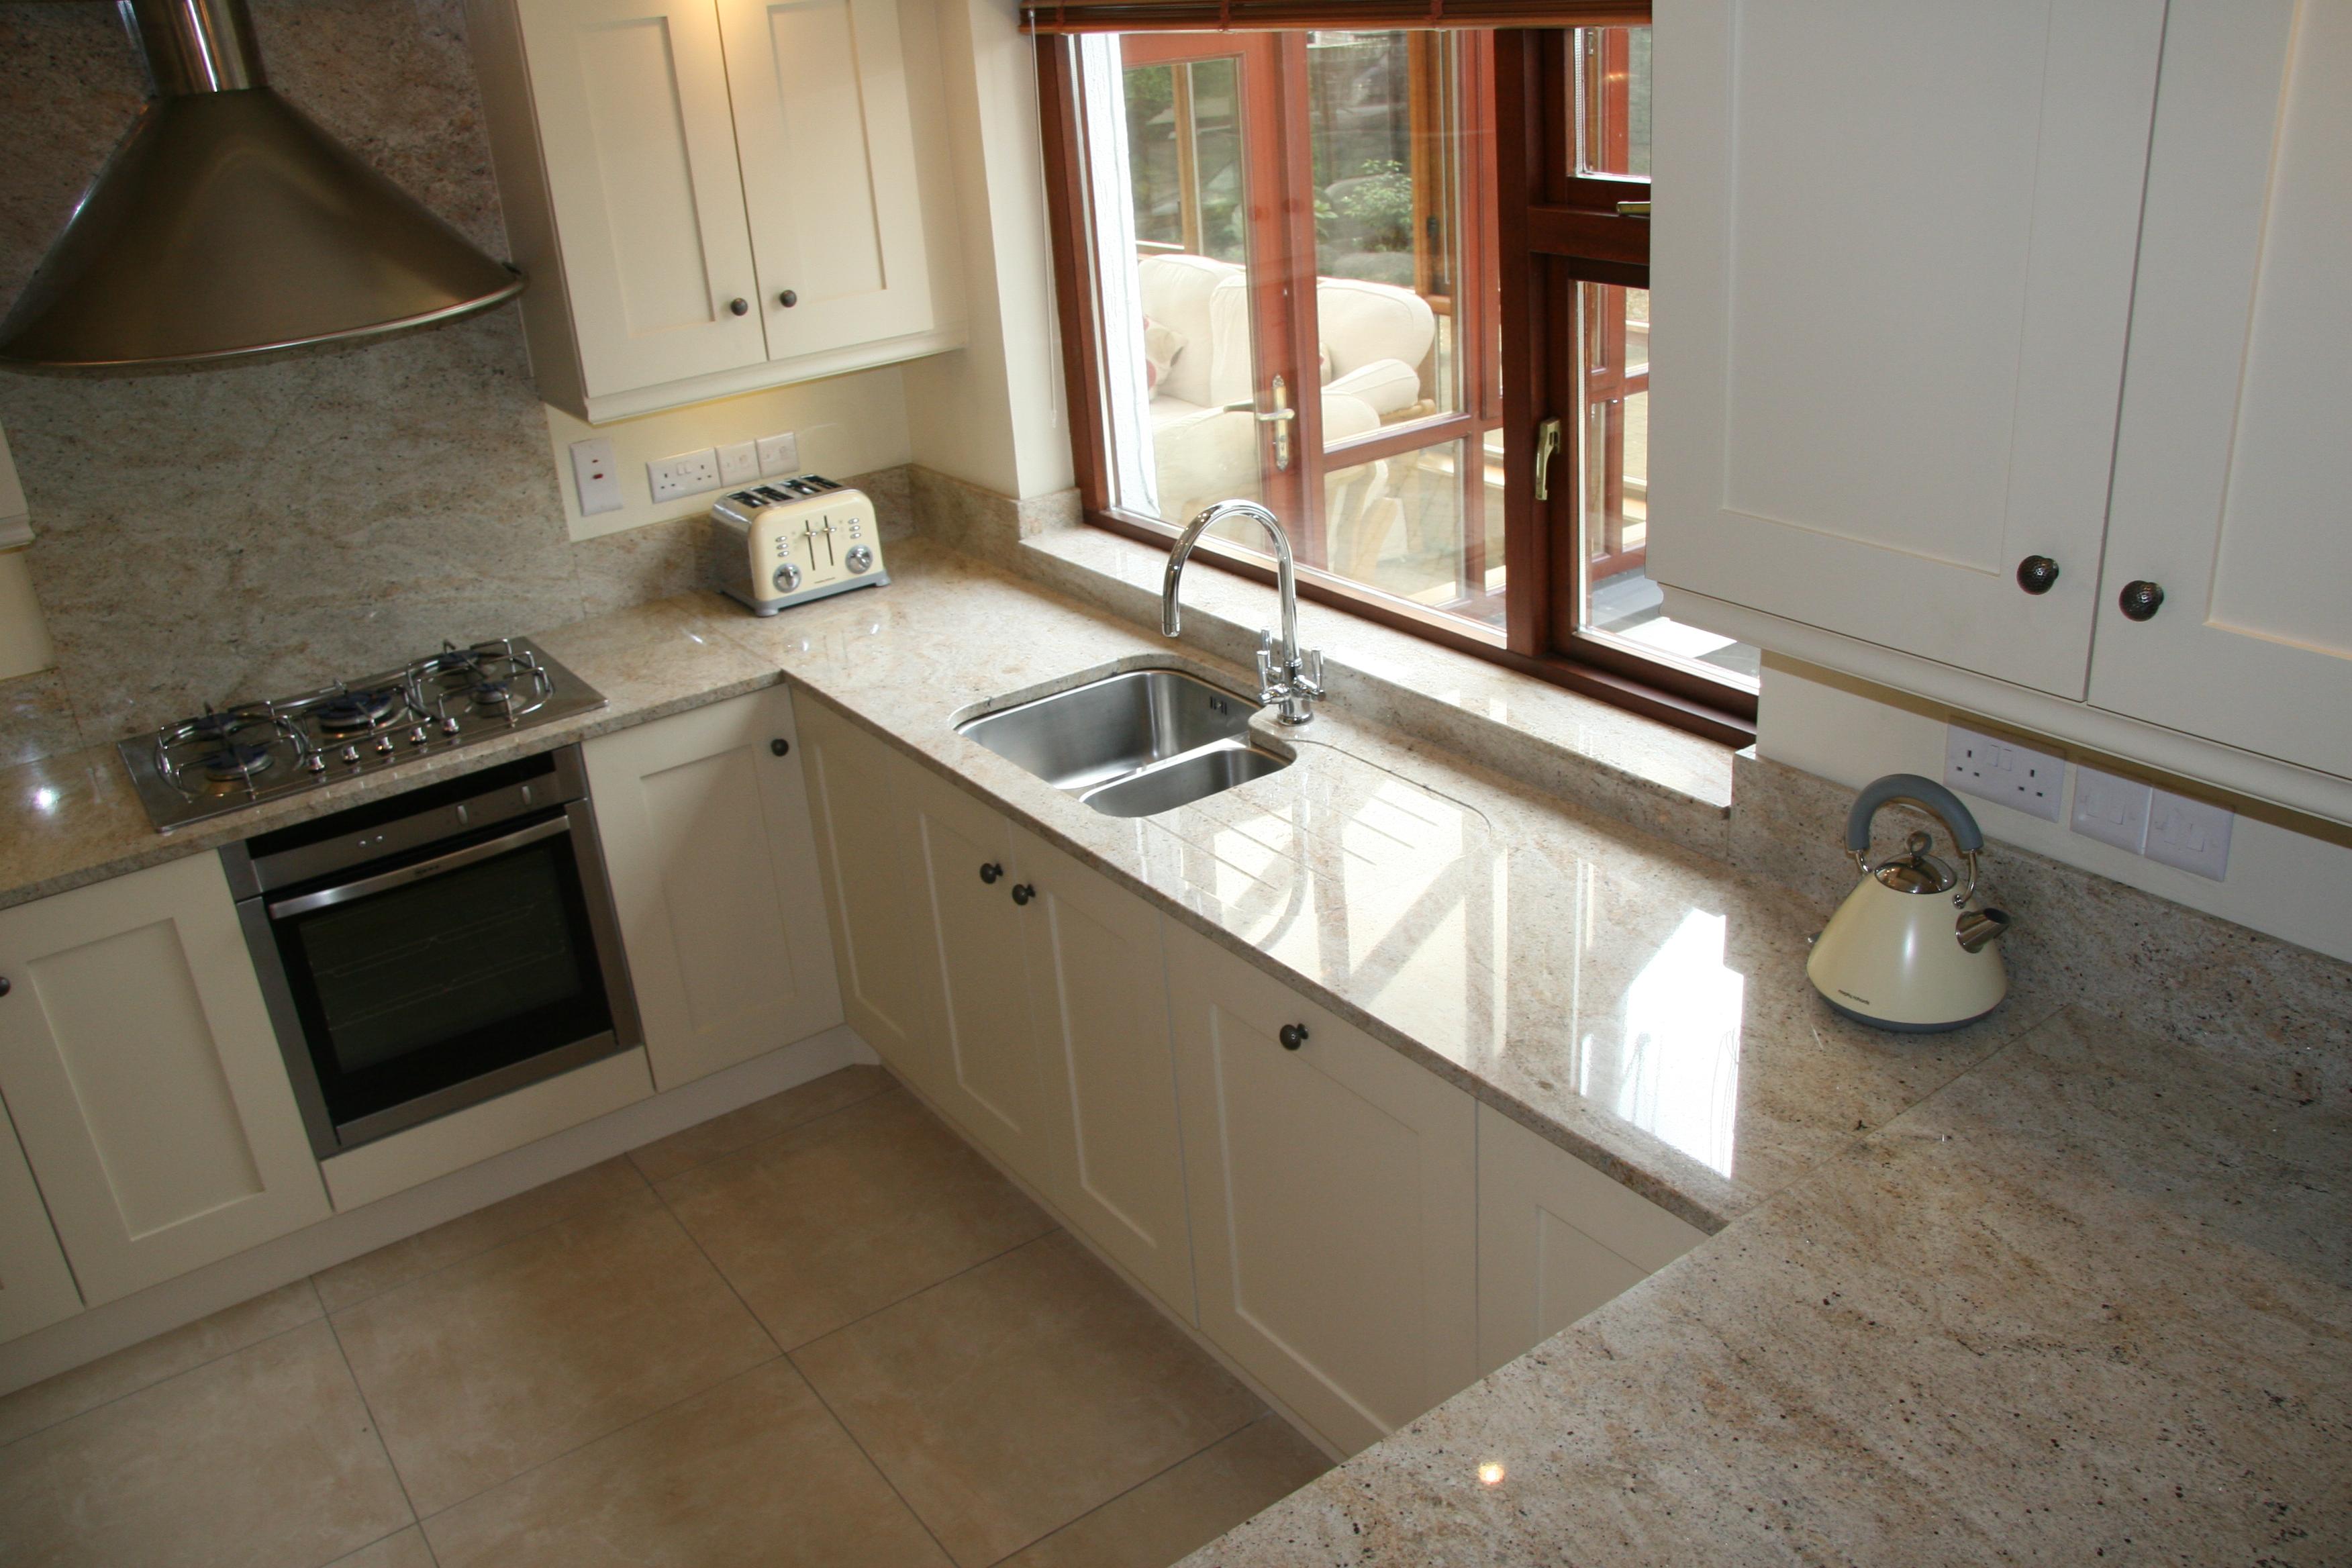 kitchen worktop 2012-10-01 12.34.08 UDBFMCF